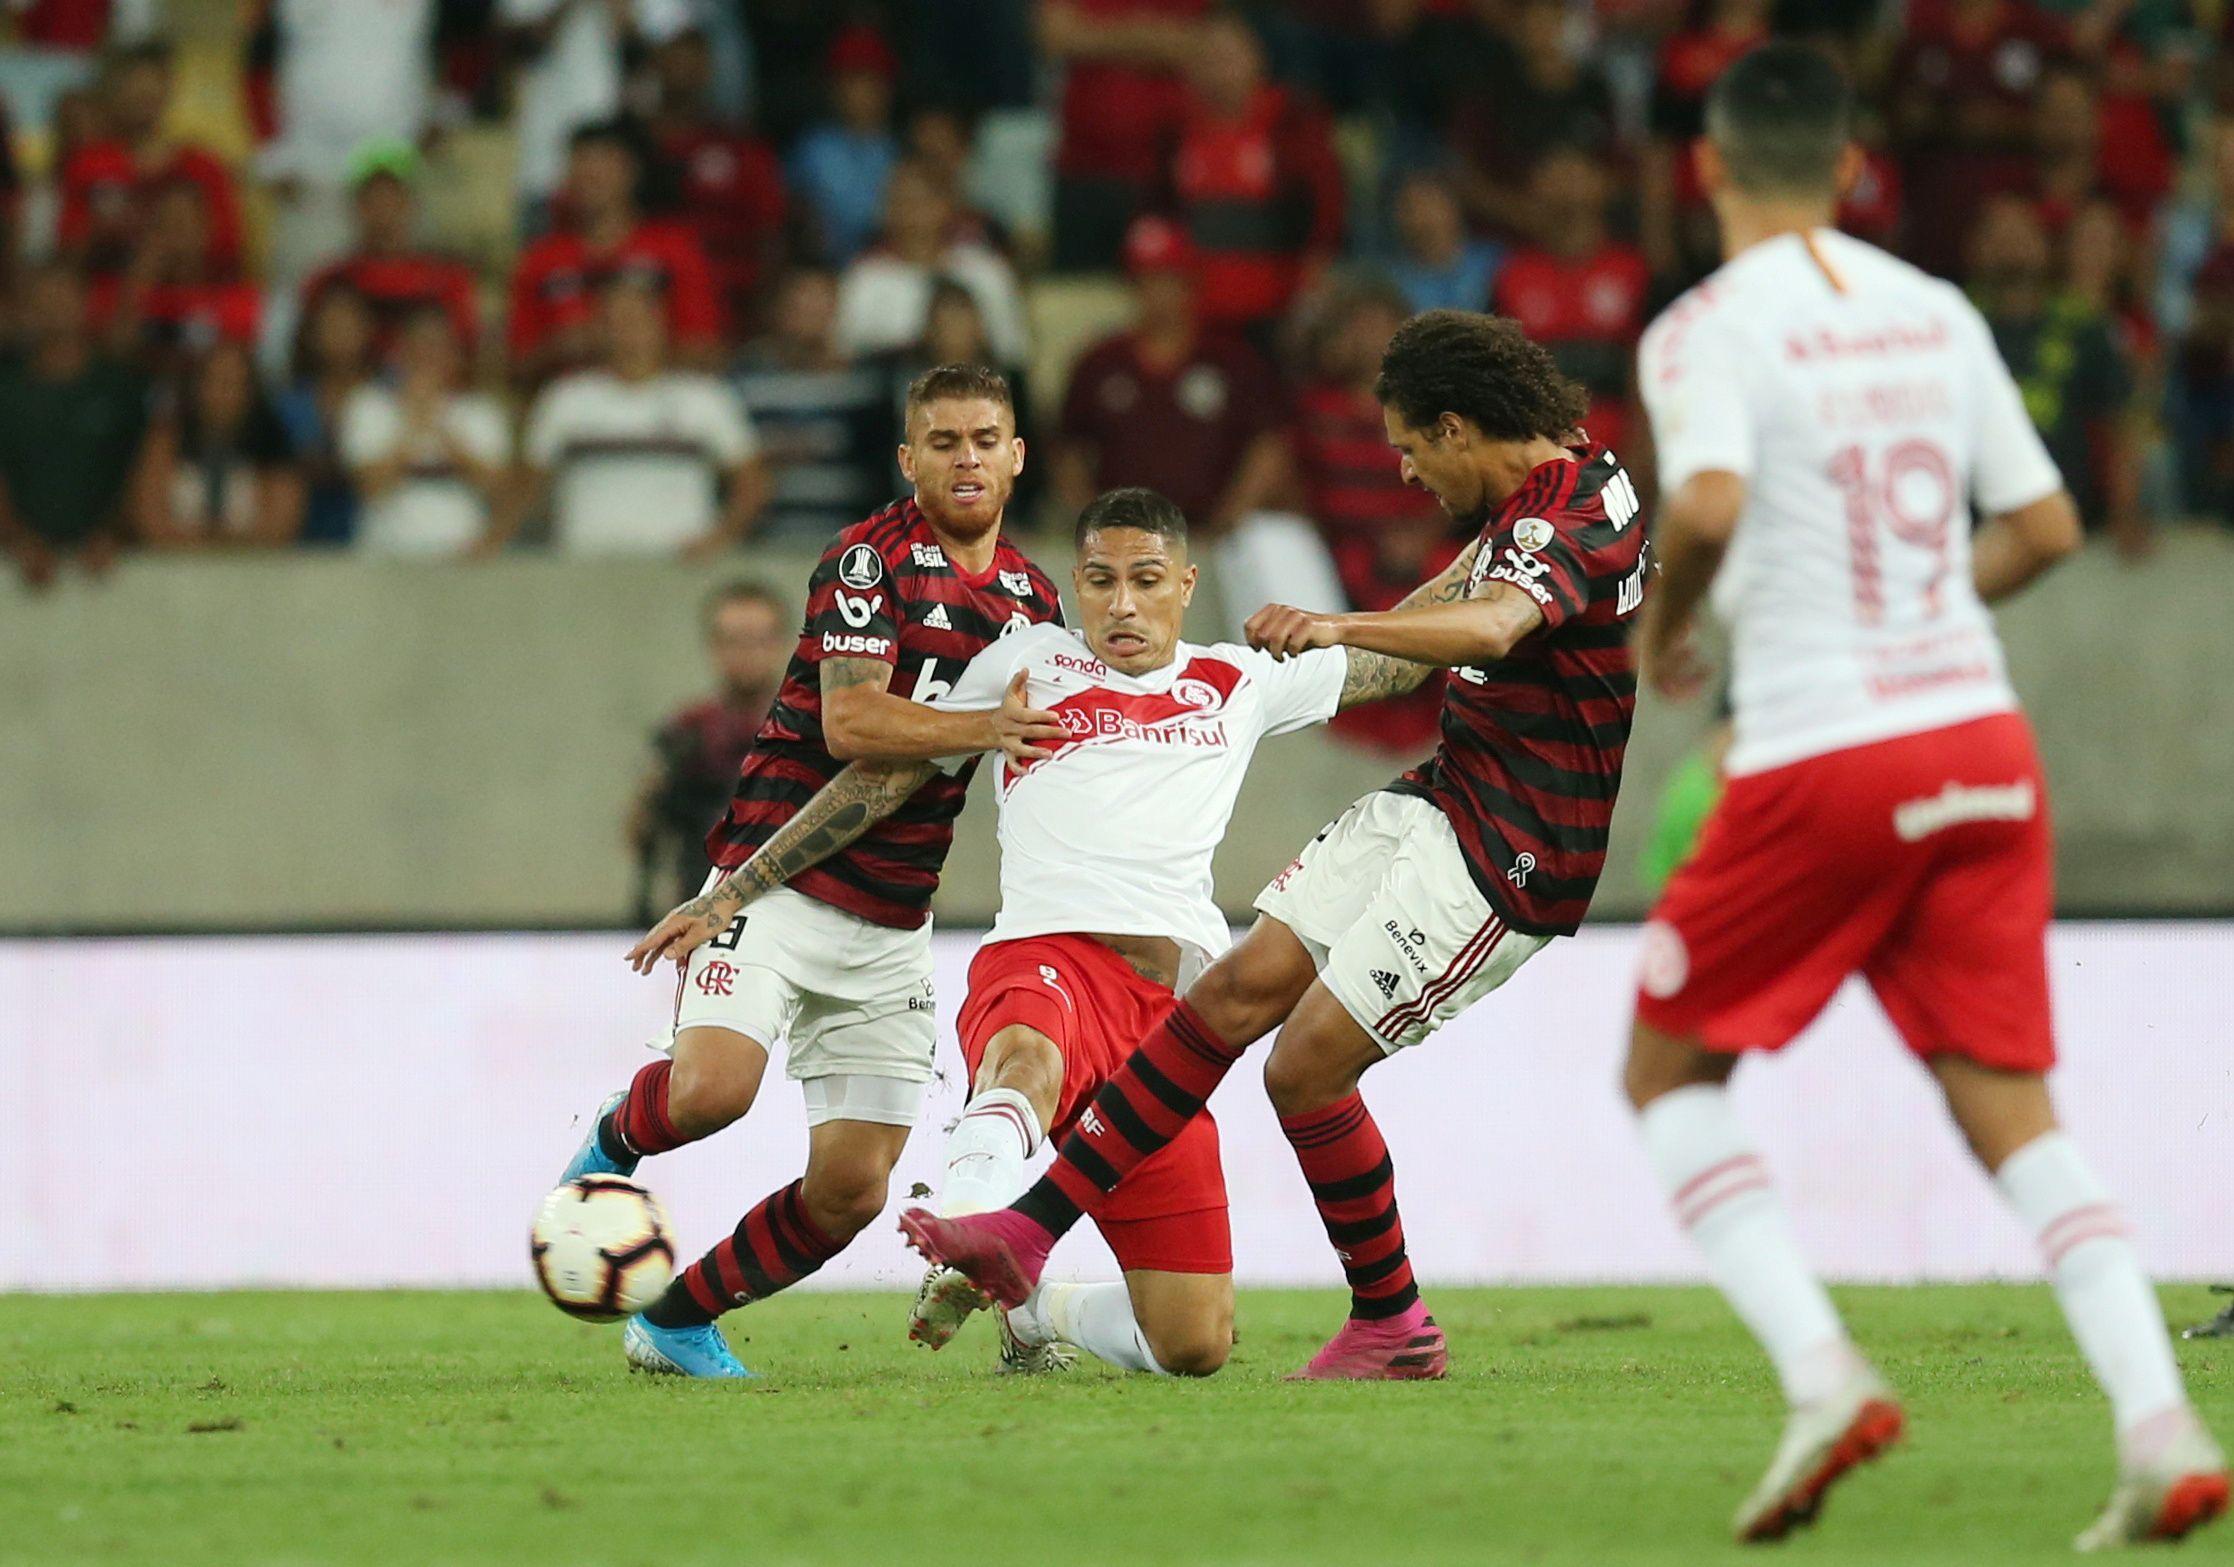 Como assistir a Internacional x Flamengo pela Libertadores